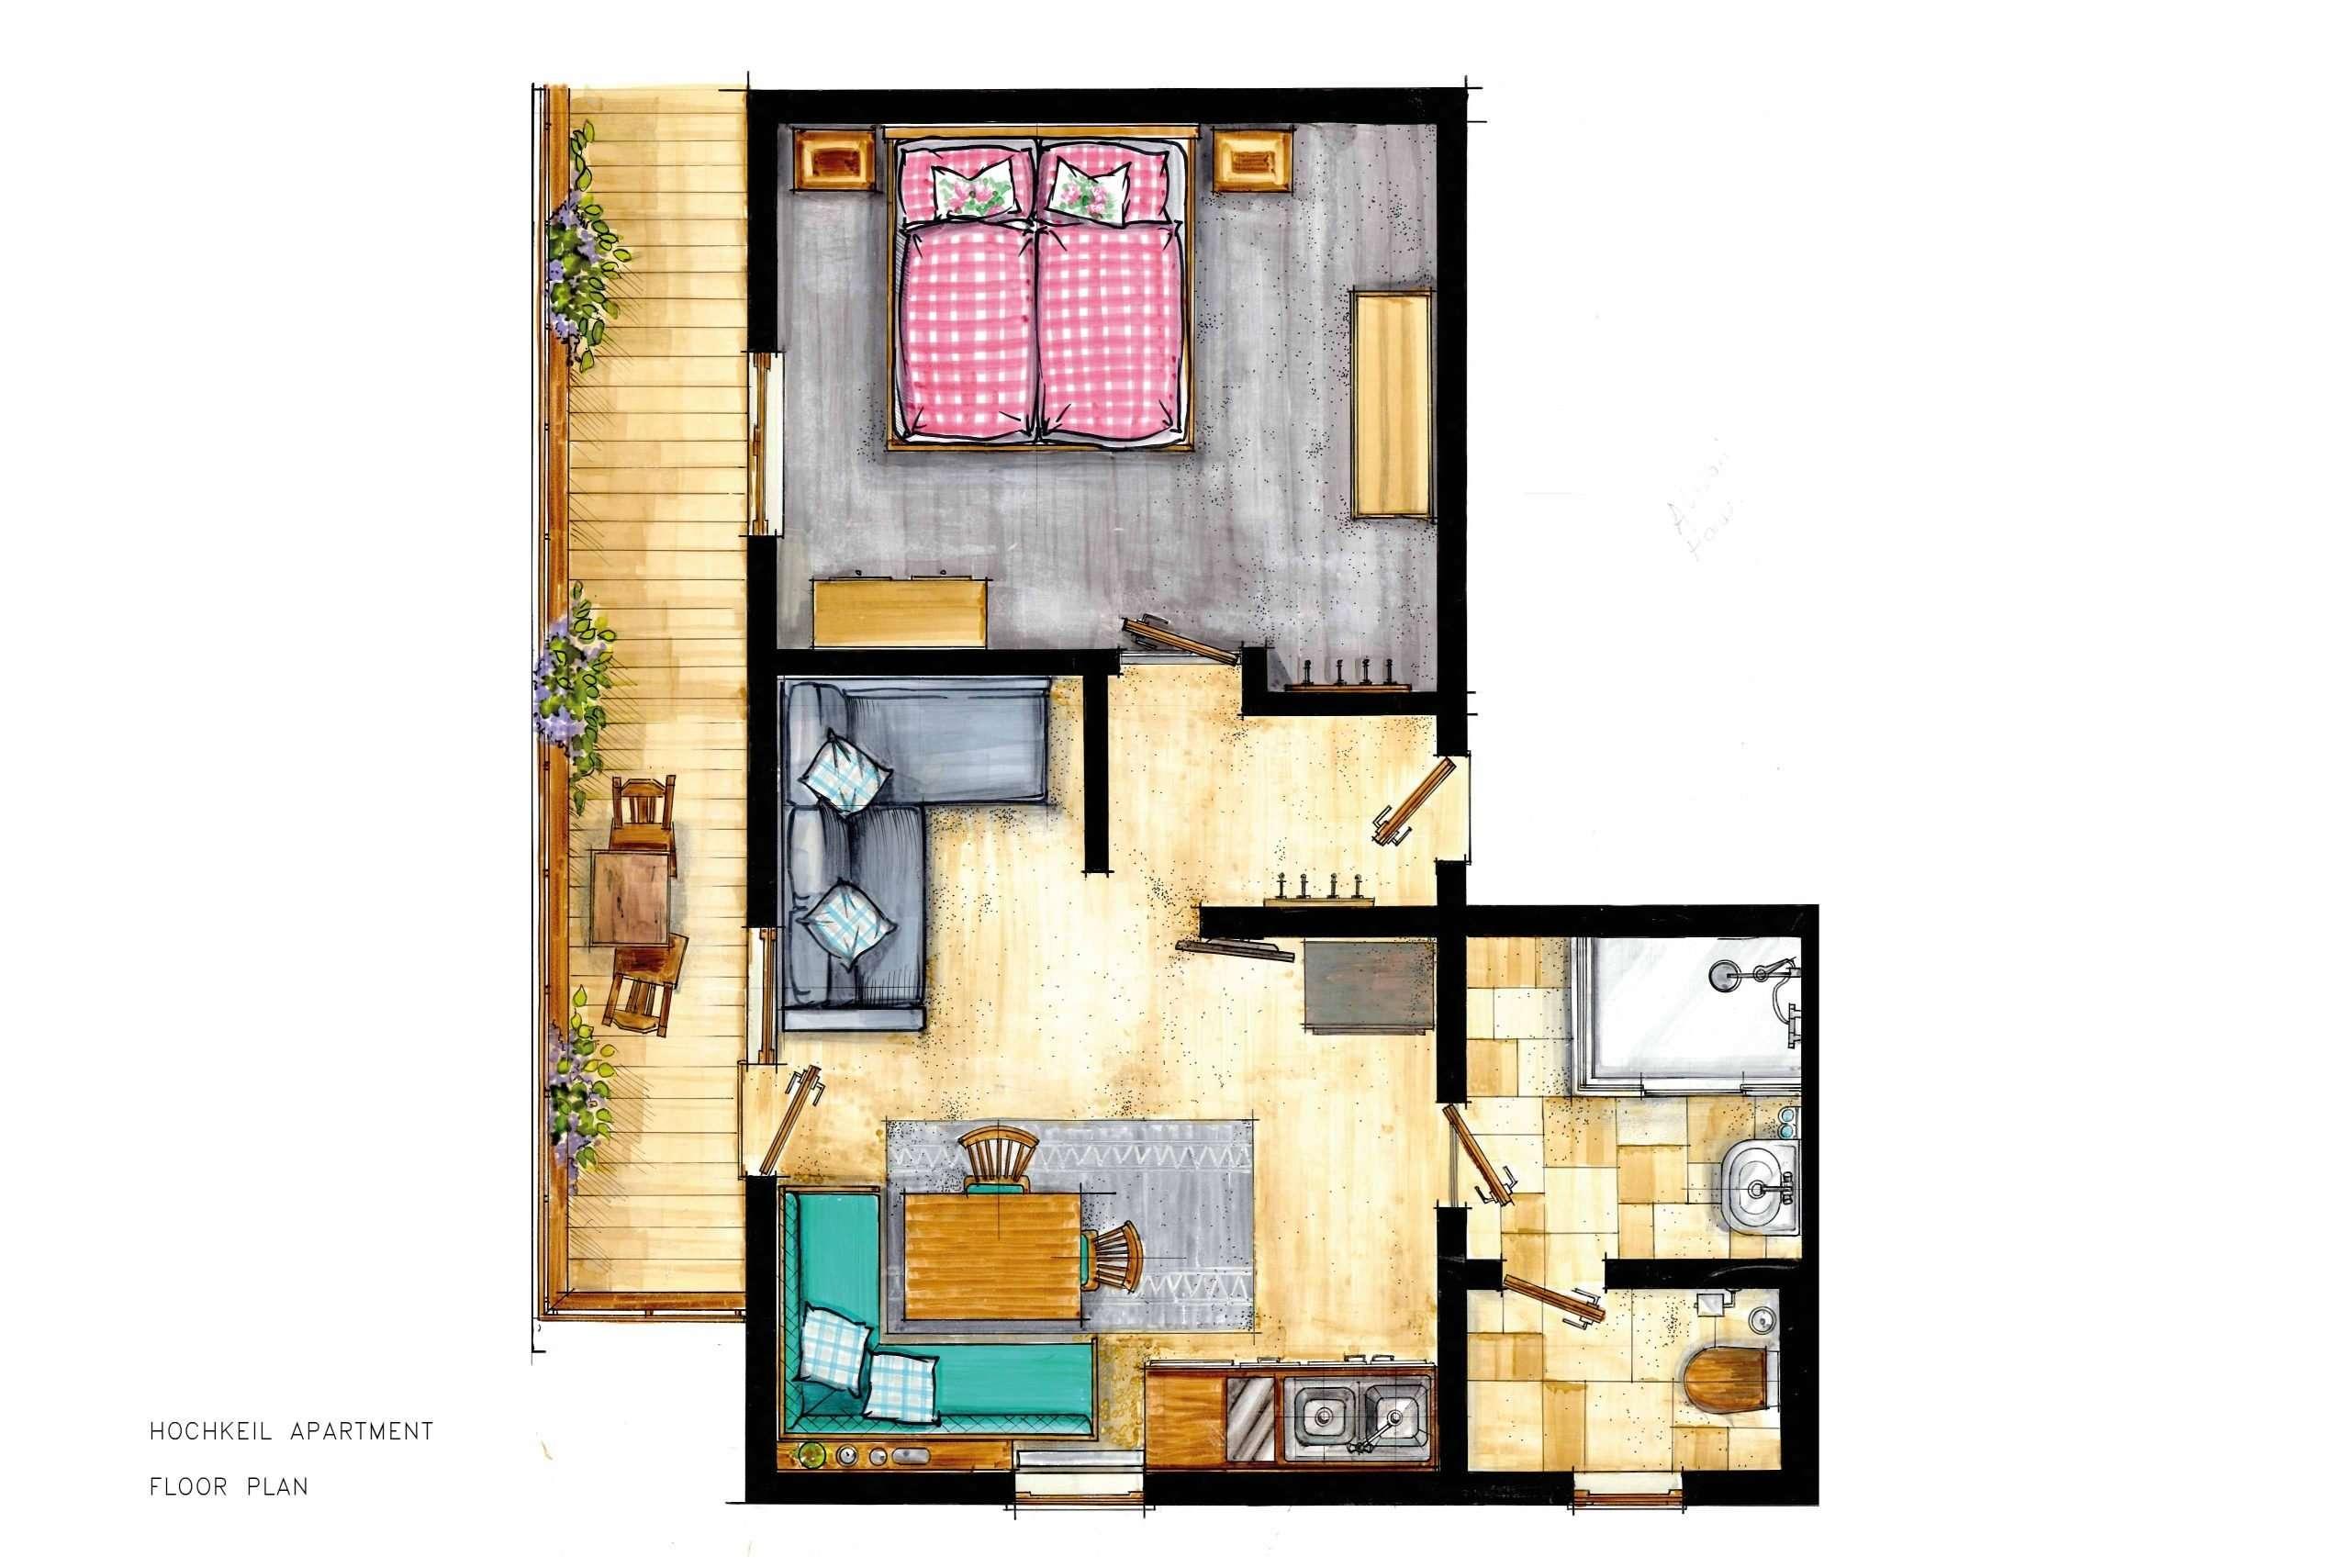 Hochkeil apartrment floor plan - Haus Schneeberg, Hochkoenig